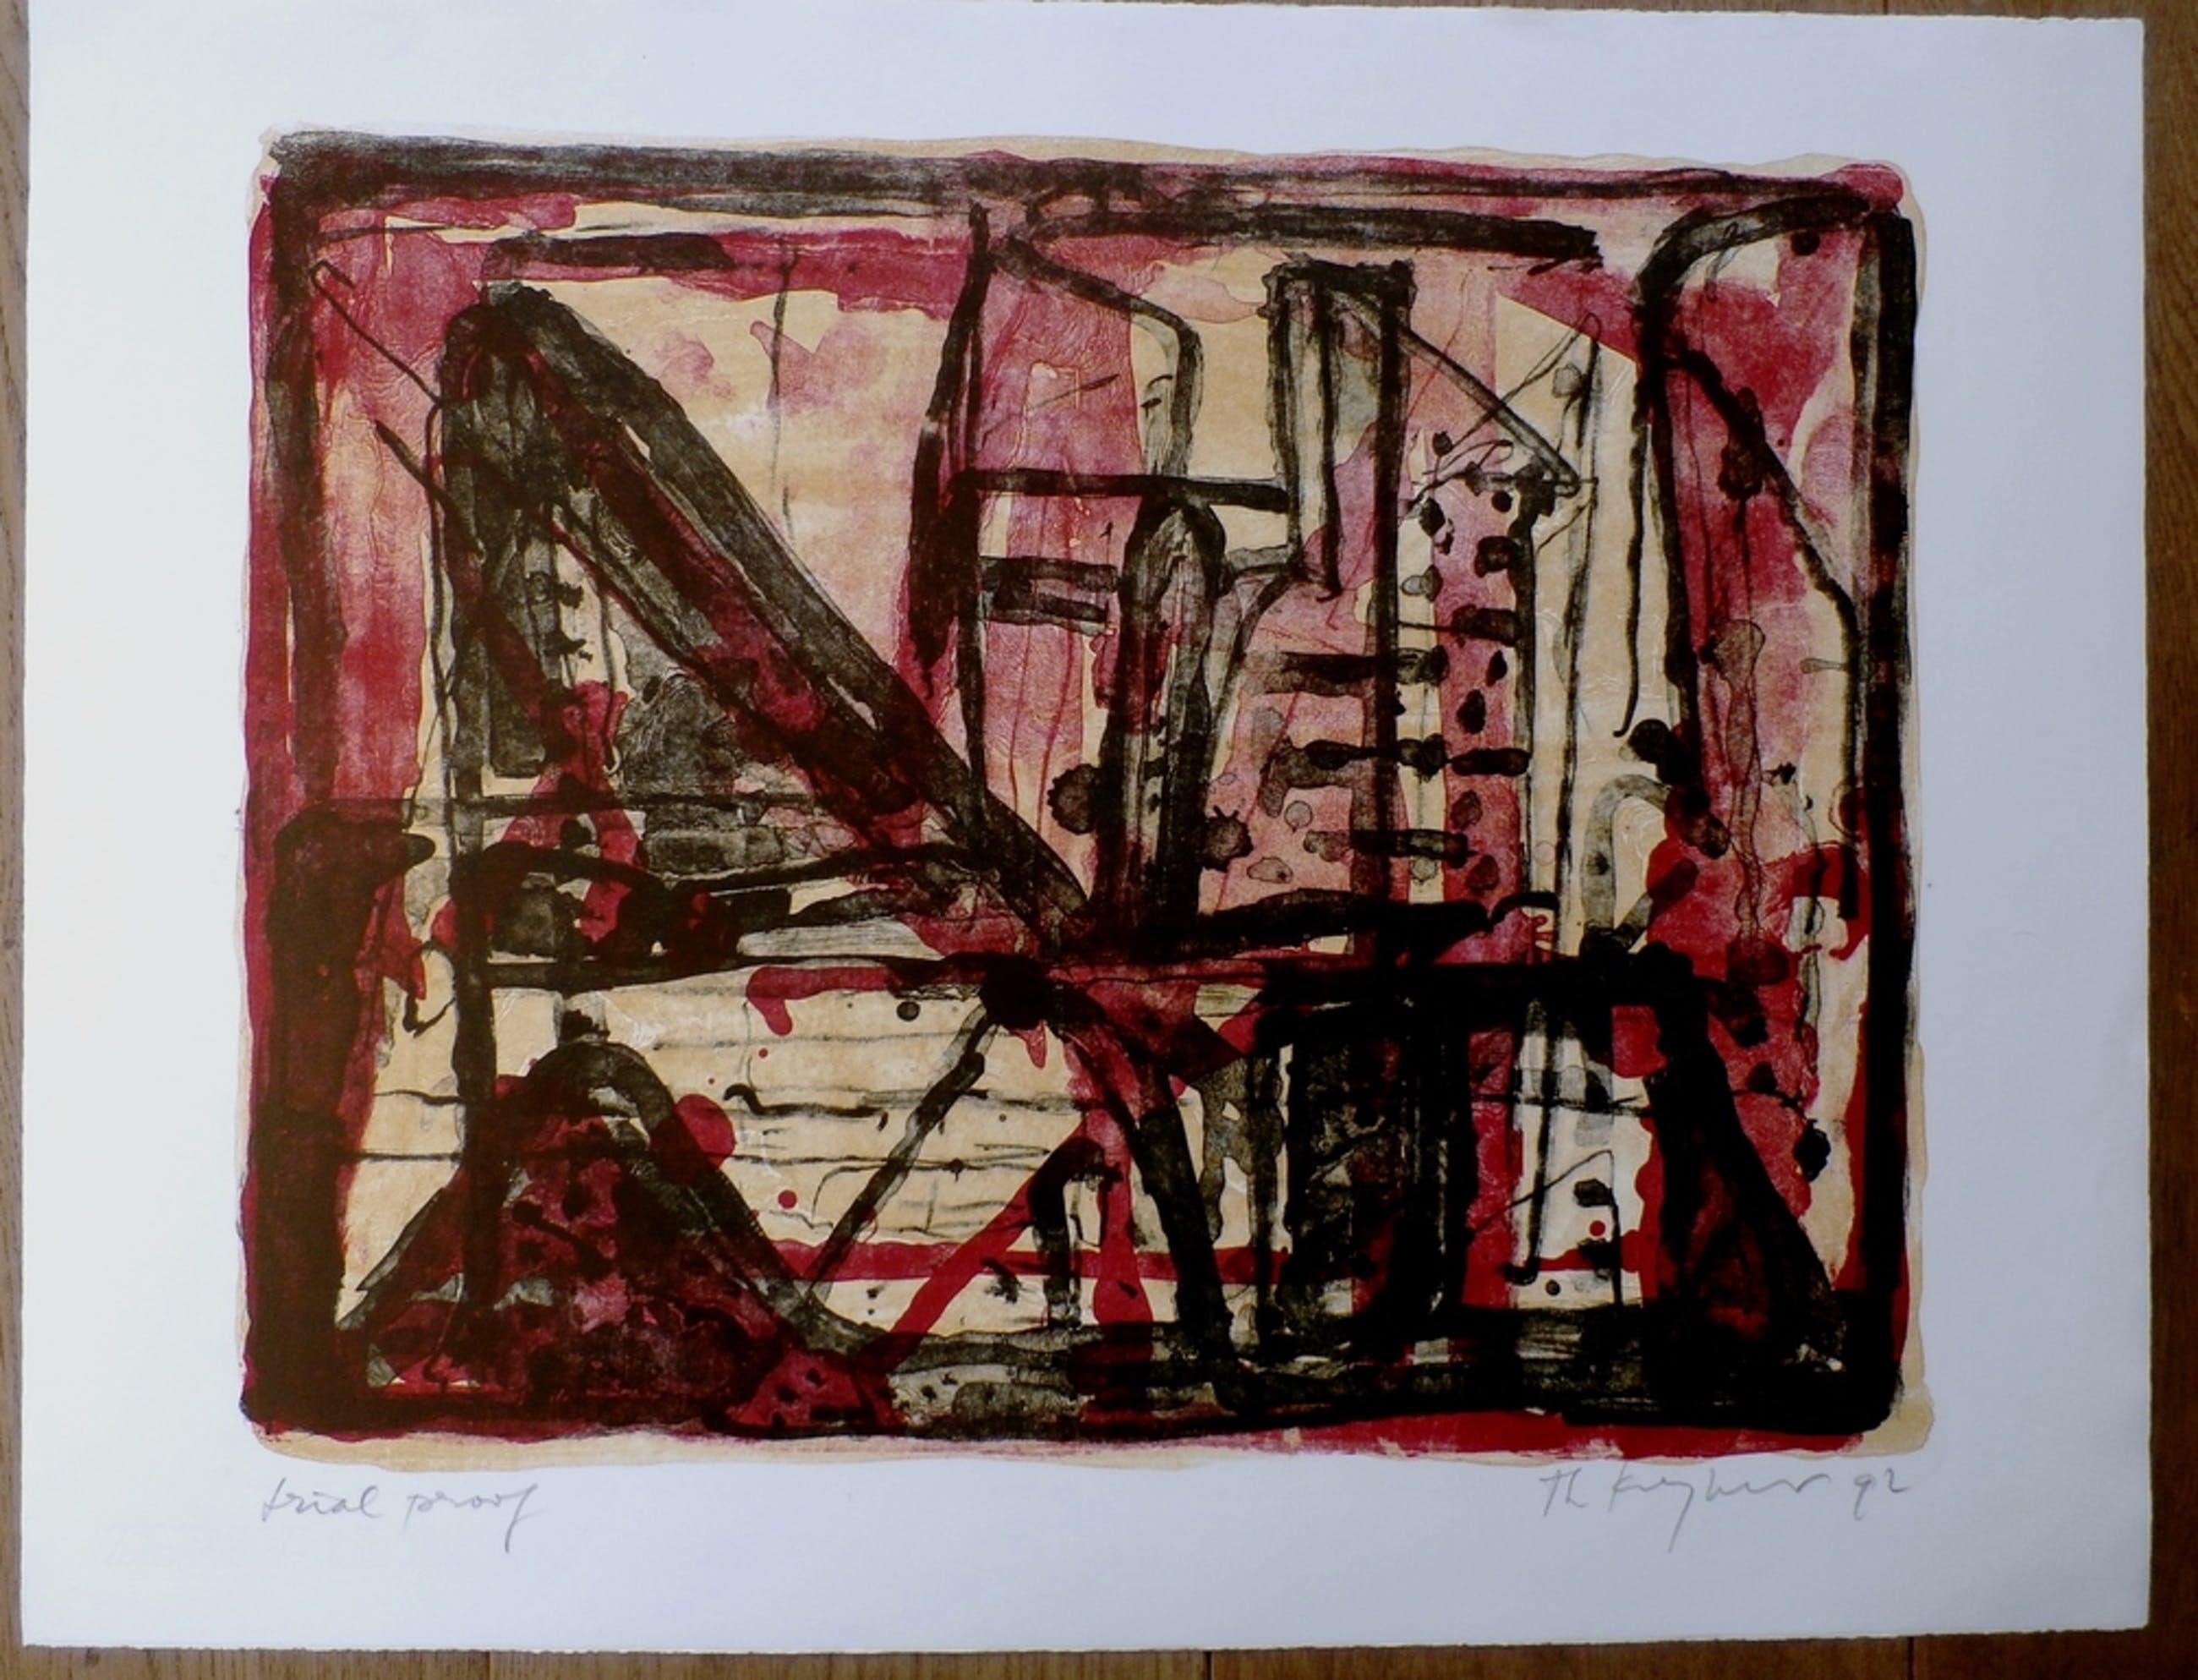 Theo Kuijpers, Kleurenlitho, handgesigneerd, 1992 kopen? Bied vanaf 60!